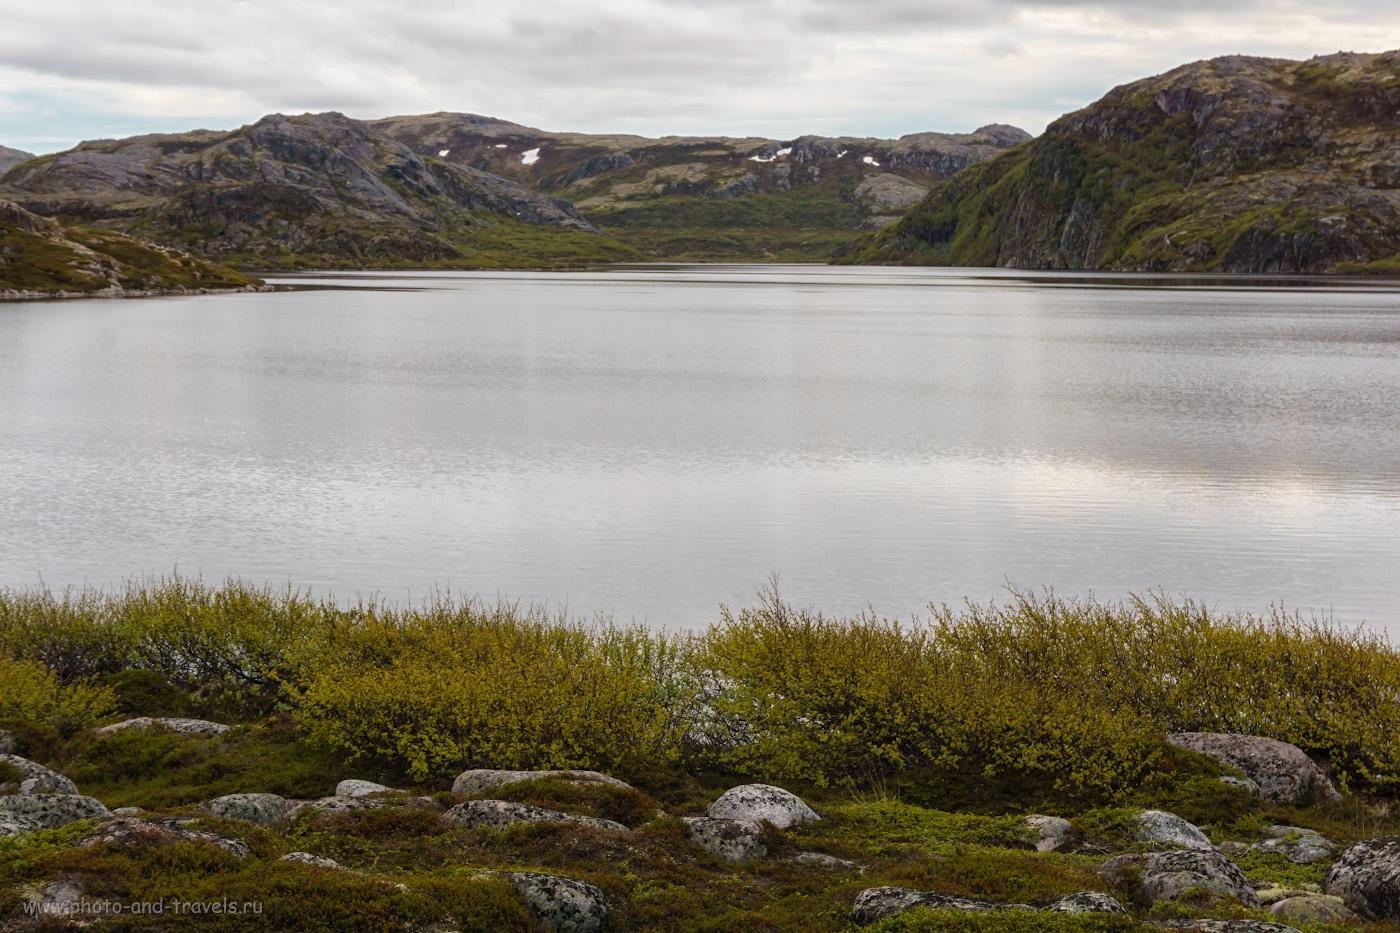 Фотография 28. Озеро Секретарское в окрестностях Териберки.